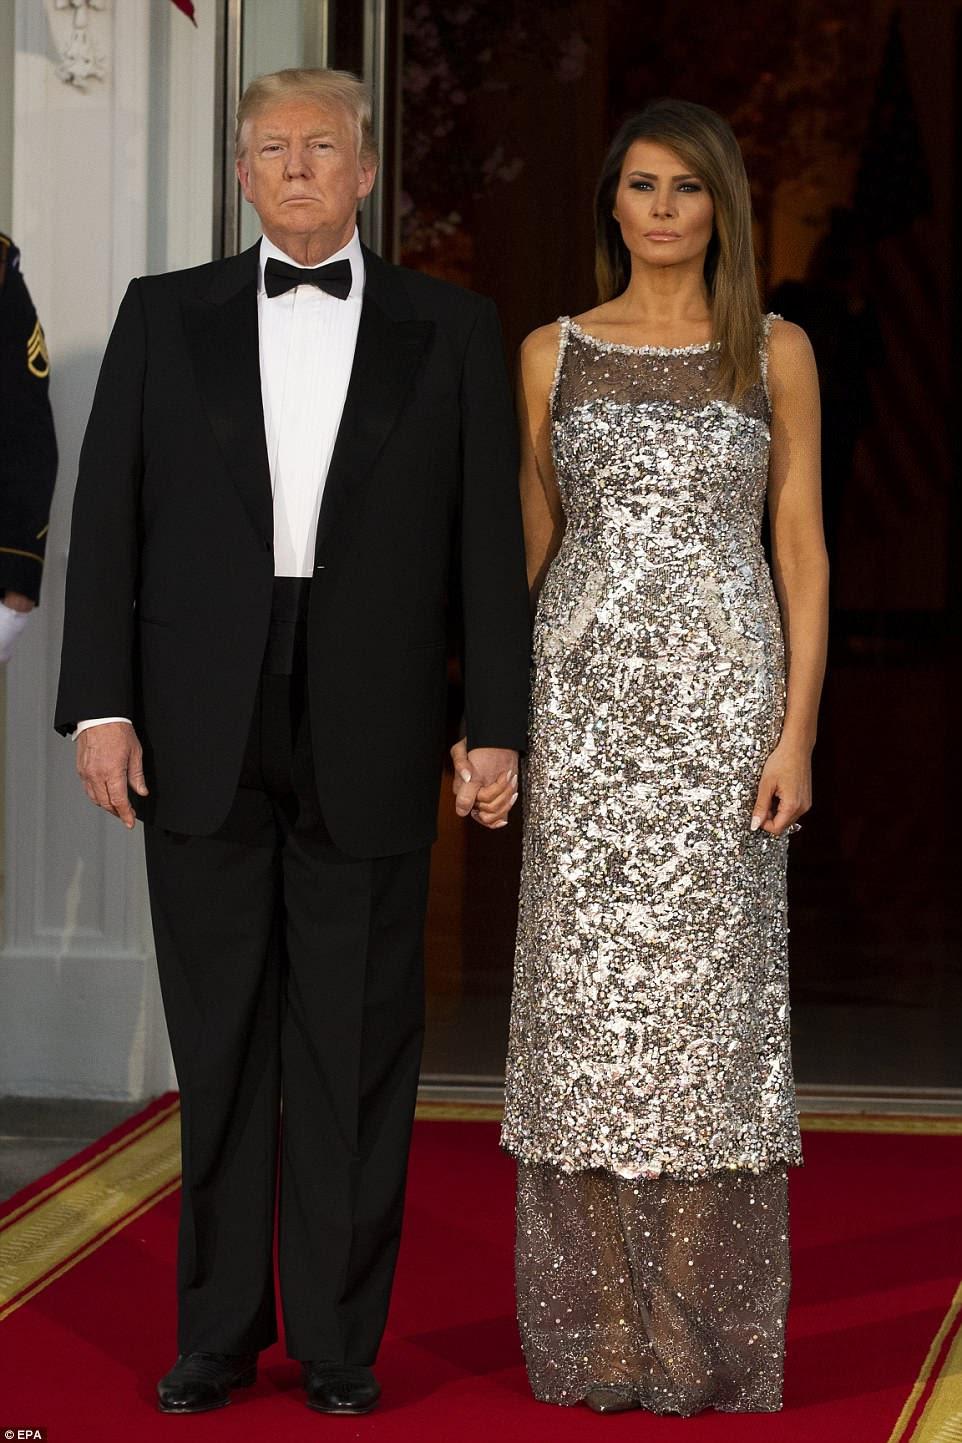 Todos os olhos estavam na primeira-dama Melania Trump na noite de terça-feira, quando ela roubou o show em um vestido Chanel brilhante para o seu primeiro jantar de estado da Casa Branca.